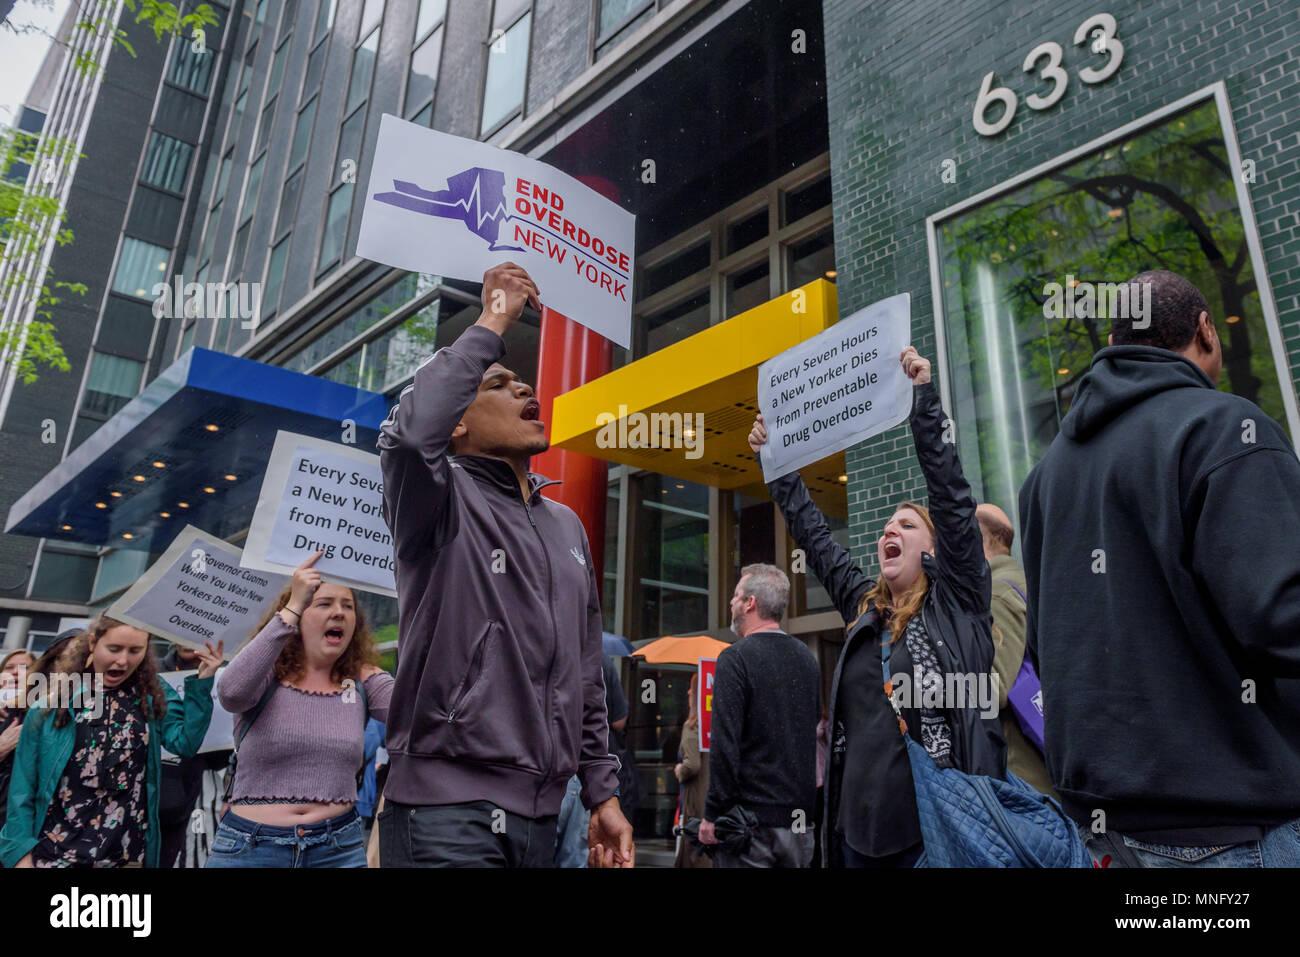 Life Safer Imágenes De Stock & Life Safer Fotos De Stock - Alamy